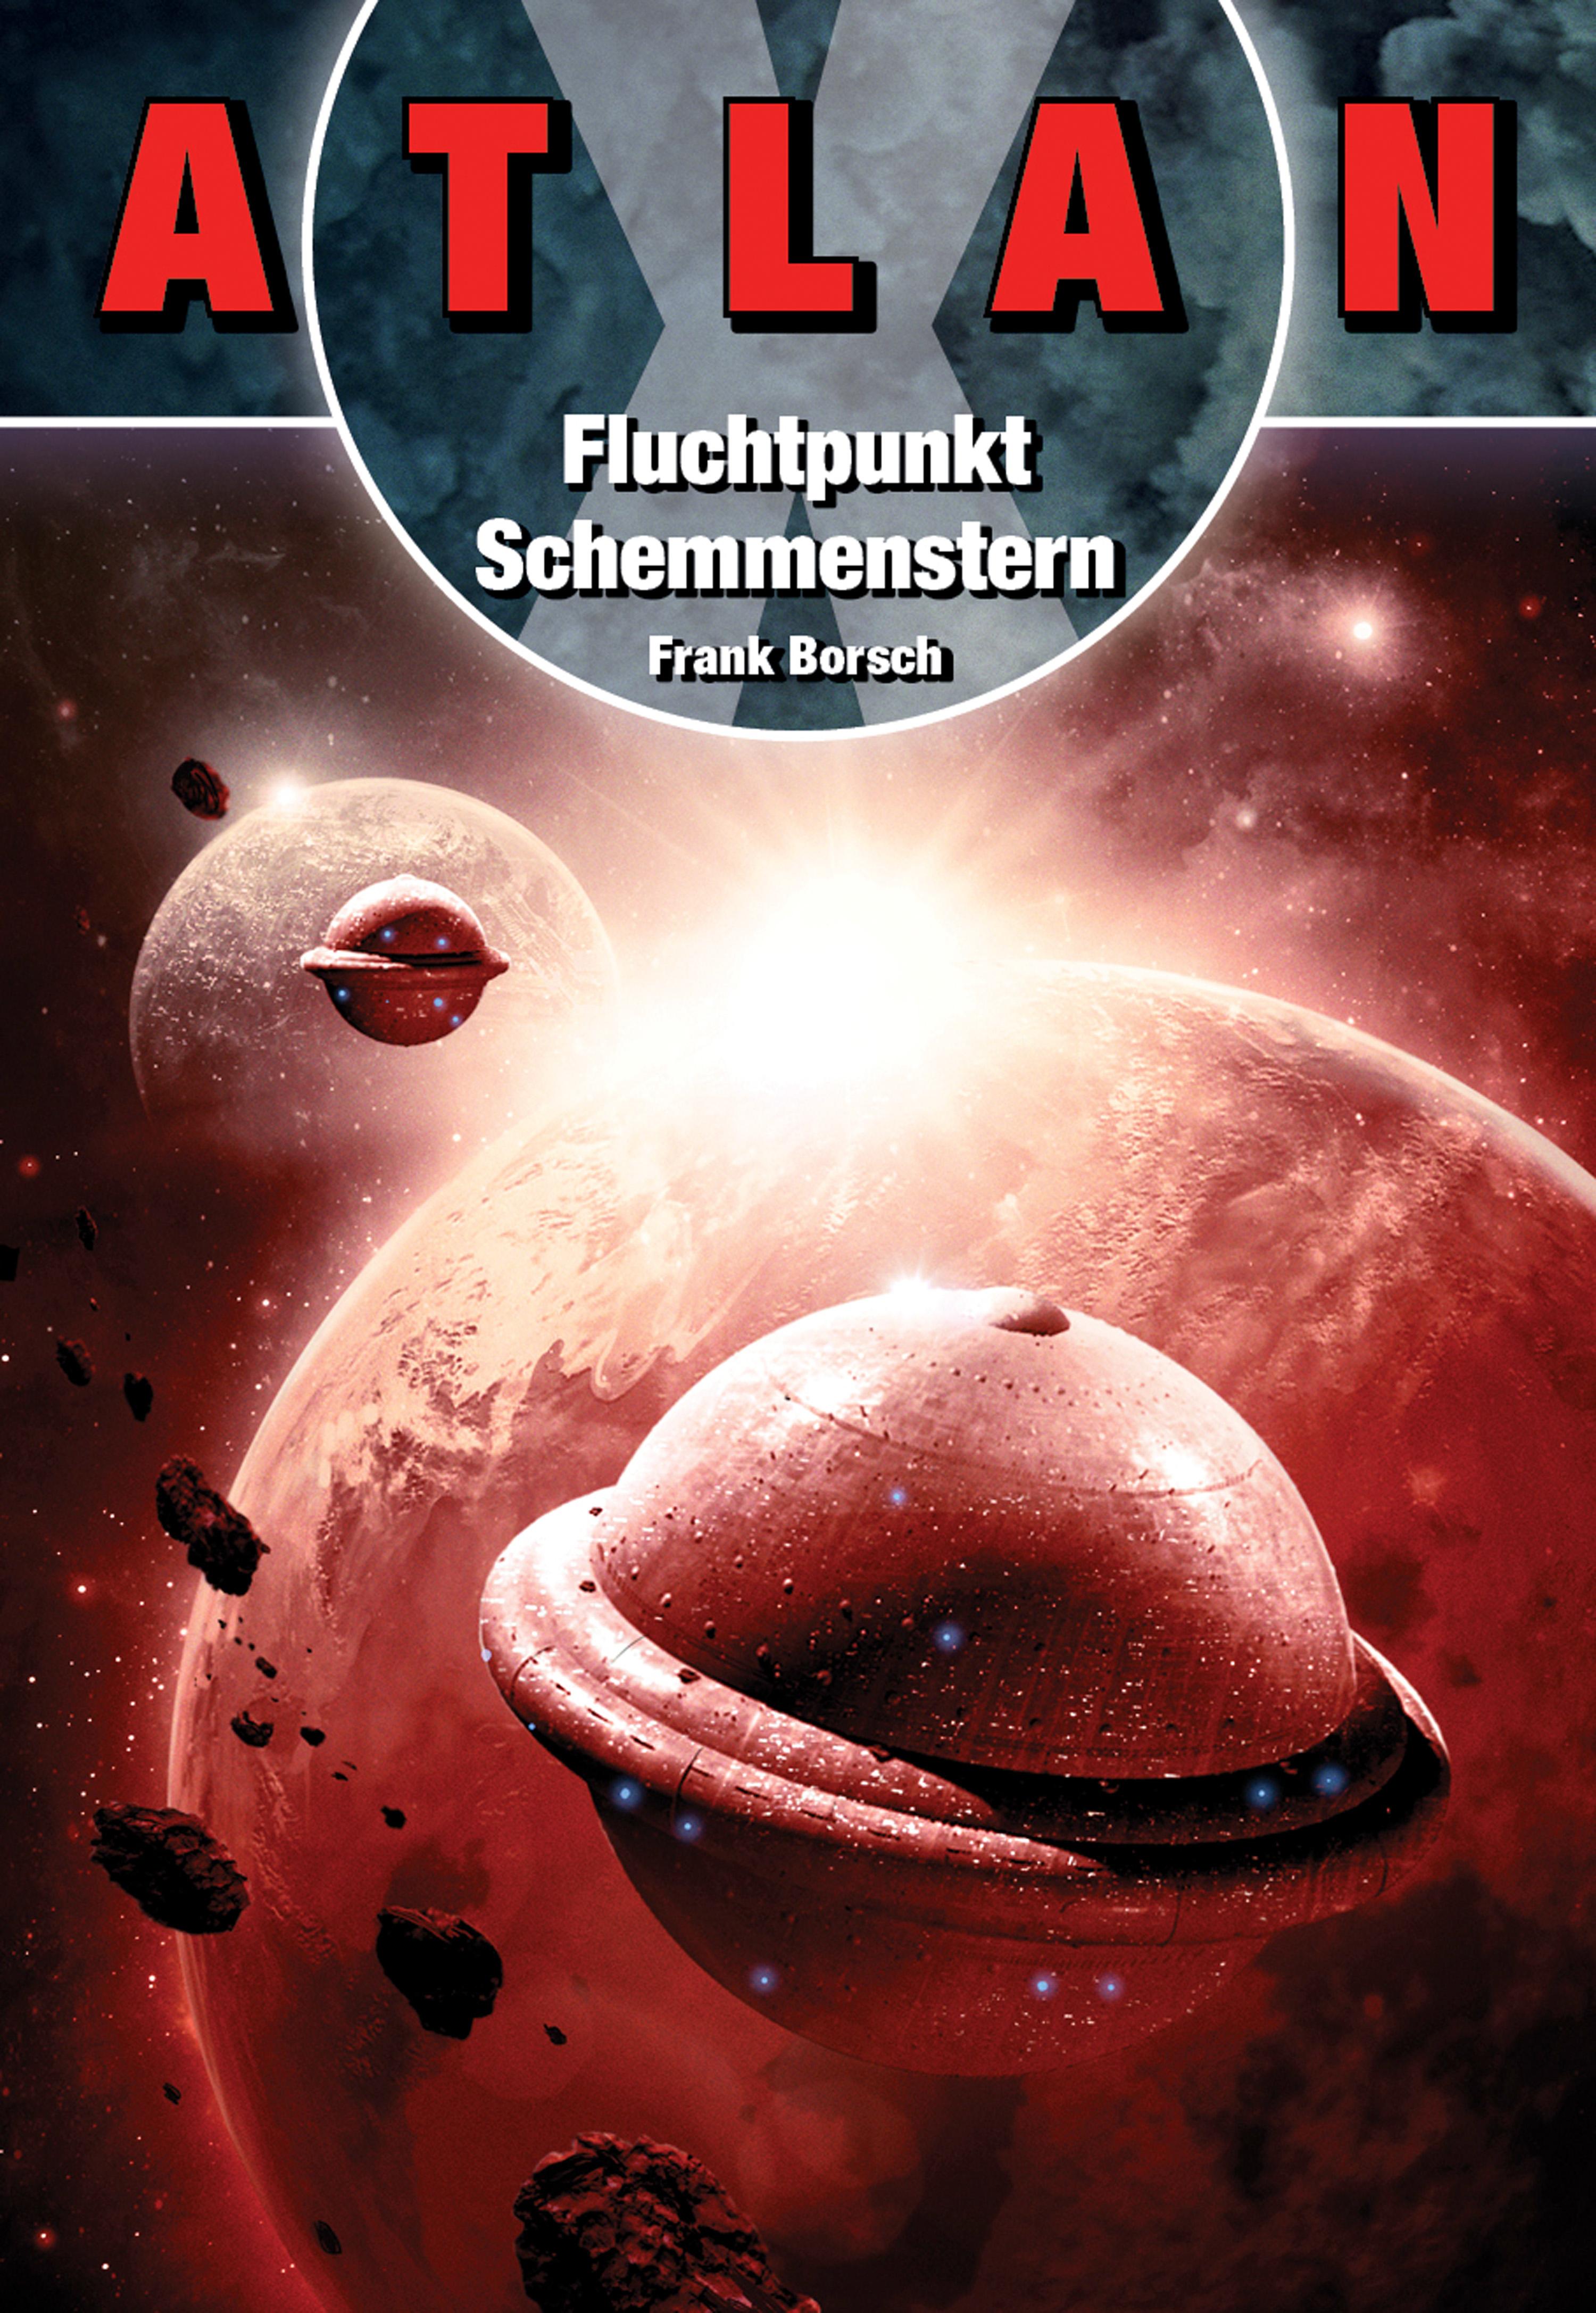 Frank Borsch ATLAN X: Fluchtpunkt Schemmenstern frank borsch atlan x fluchtpunkt schemmenstern